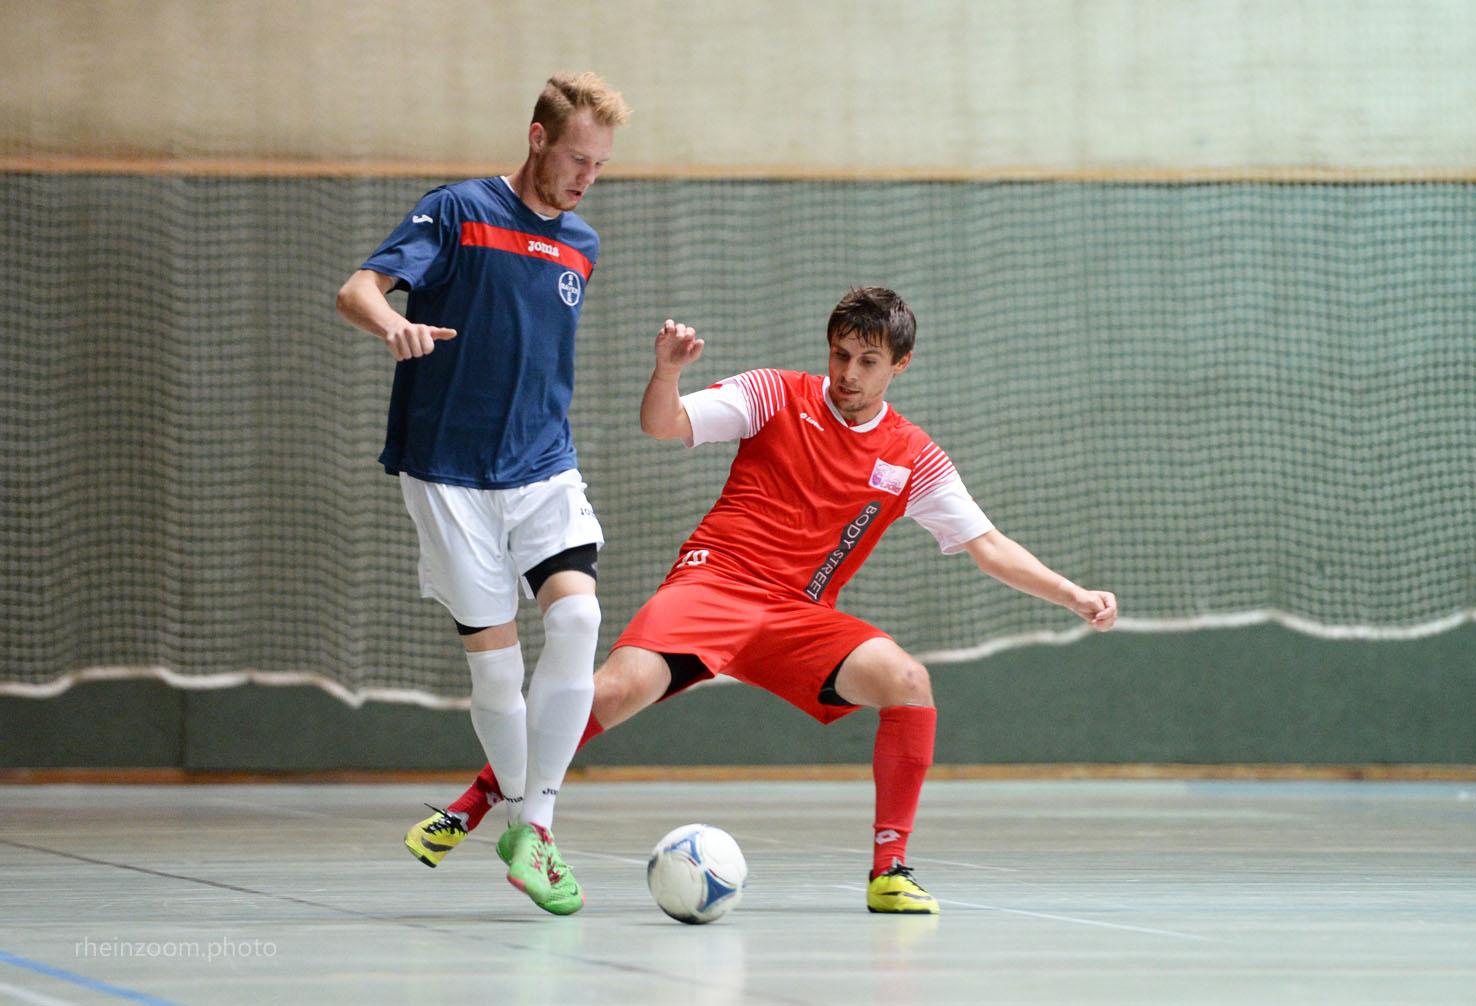 Das Futsal-Team des SC Bayer 05 siegte mit 7-4 gegen den PSV We (Foto: rheinzoom)